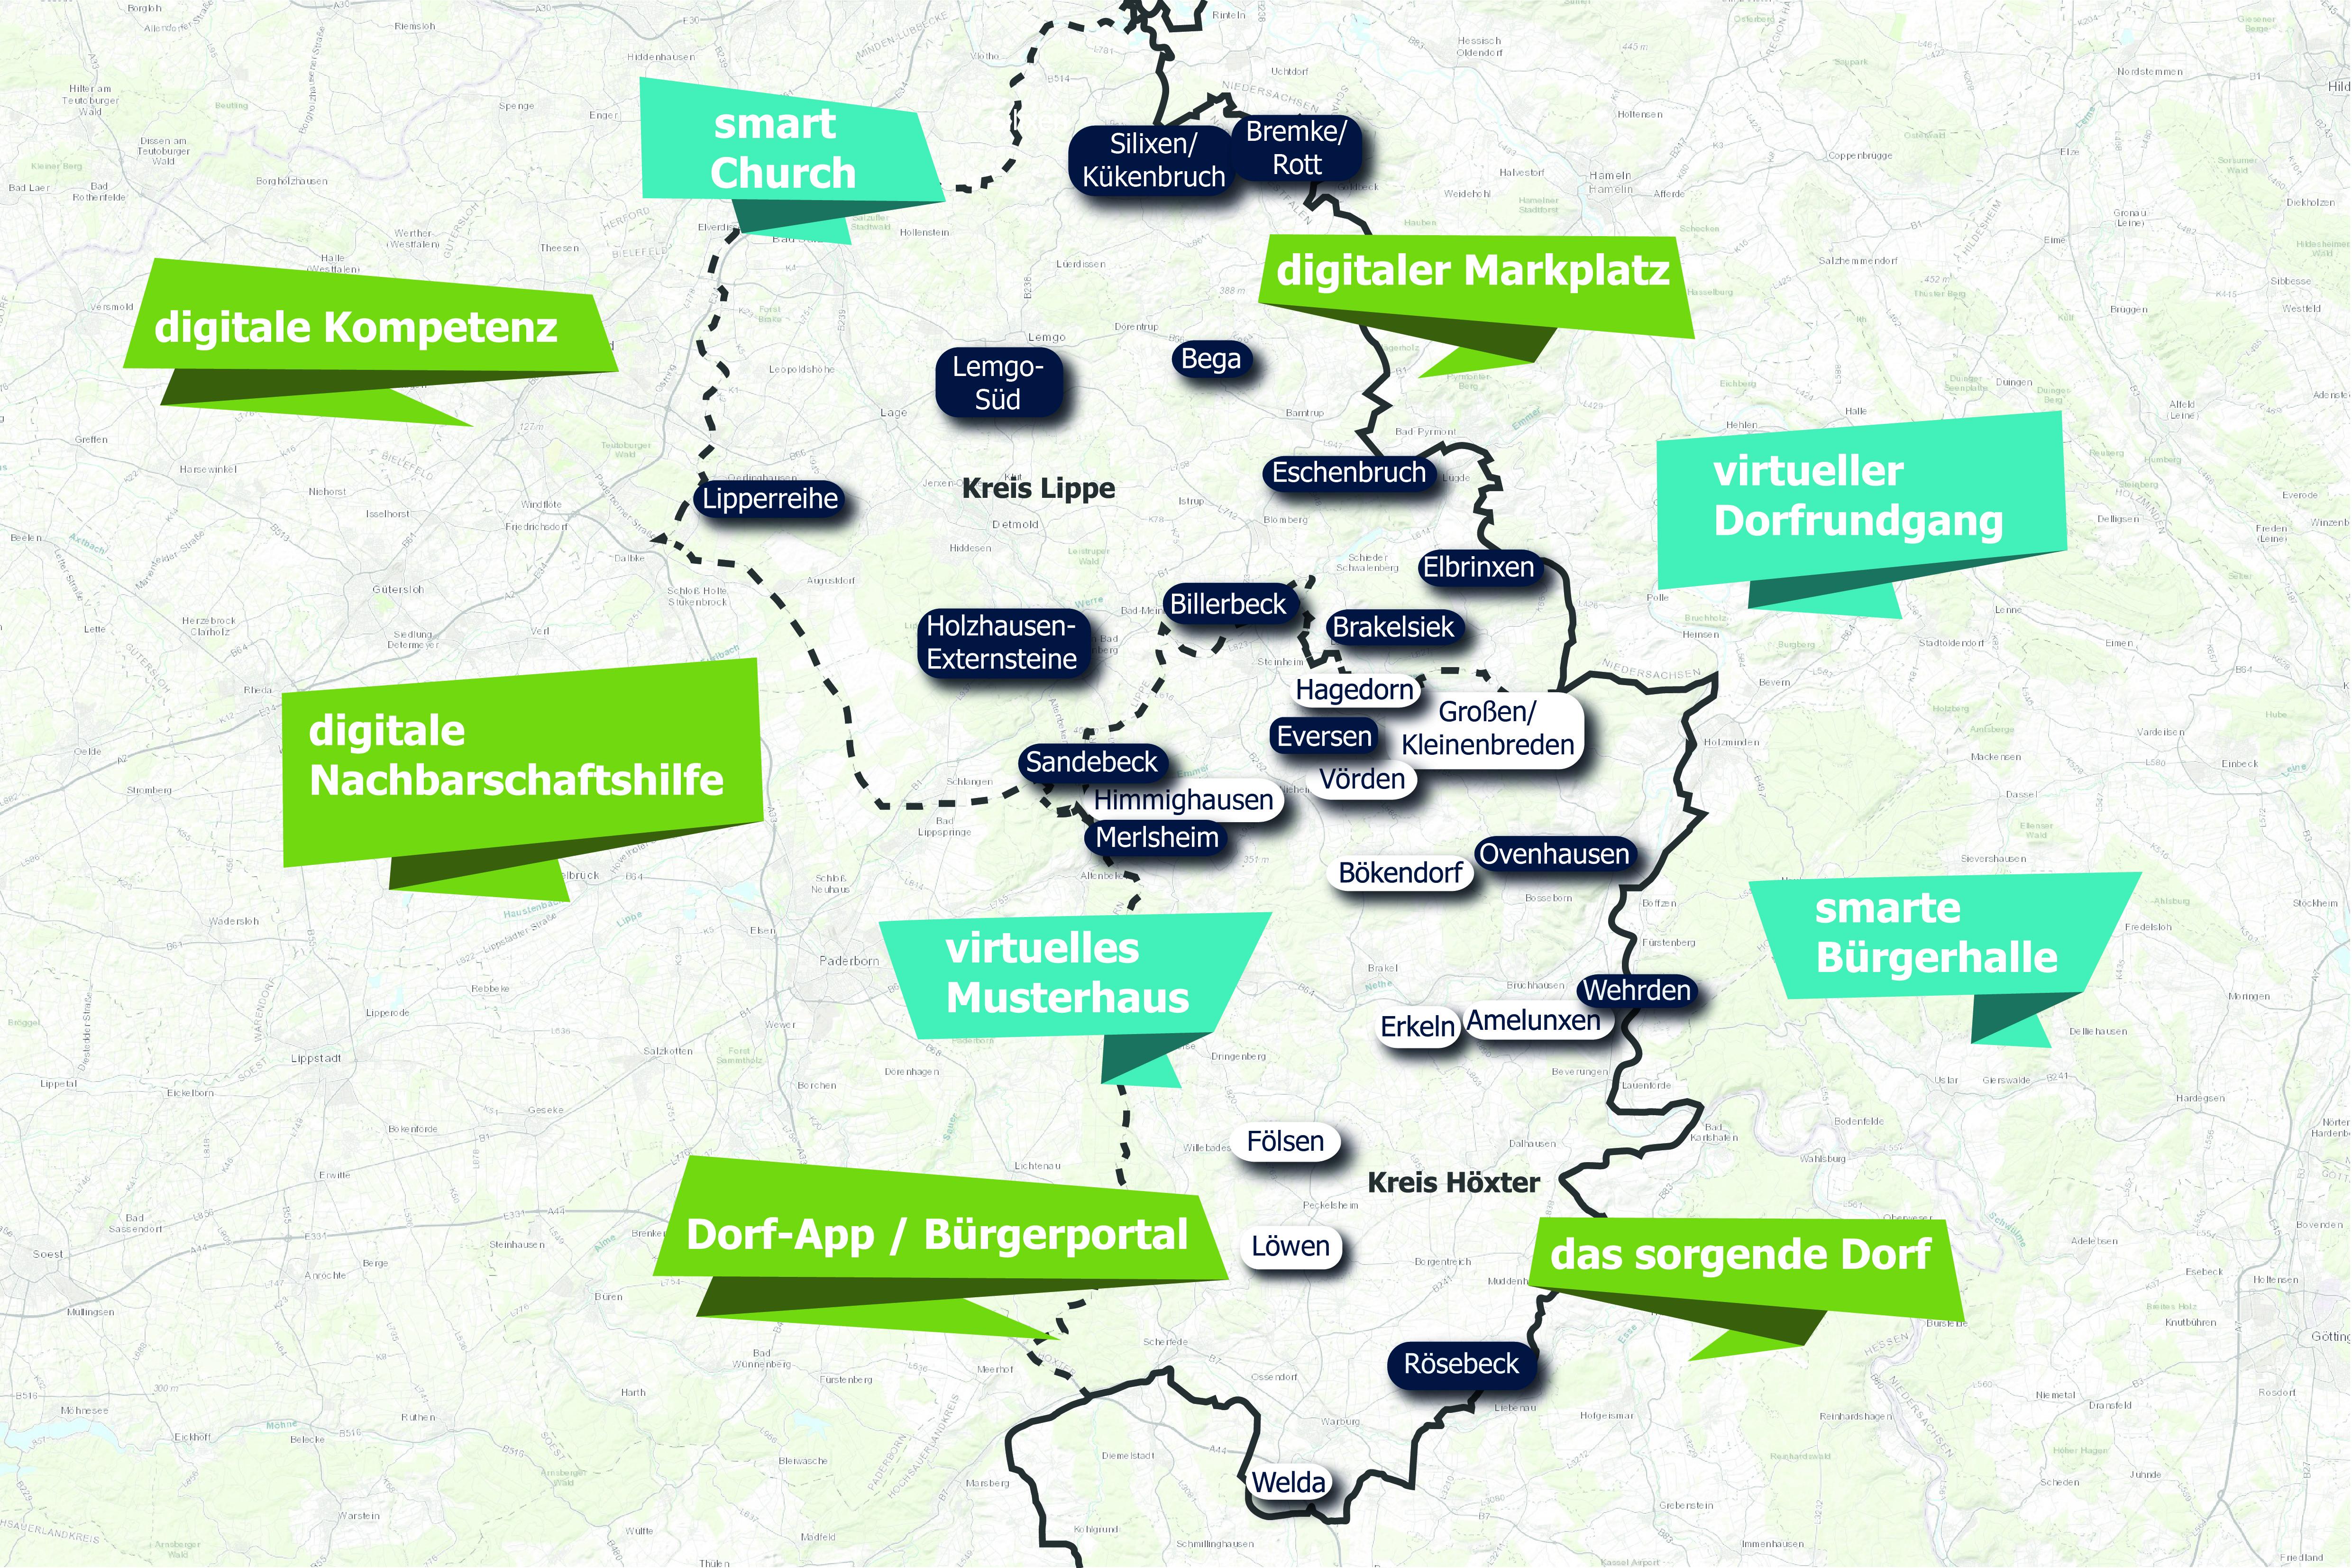 Eine Karte, die die 16 Modelldörfer der Kreise Lippe und Höxter anzeigt. Sie sind versehen mit bunten Kästchen, aus denen hervorgeht, was die Dörfer planen, z.B. Kirchen-App oder Dorf-App.